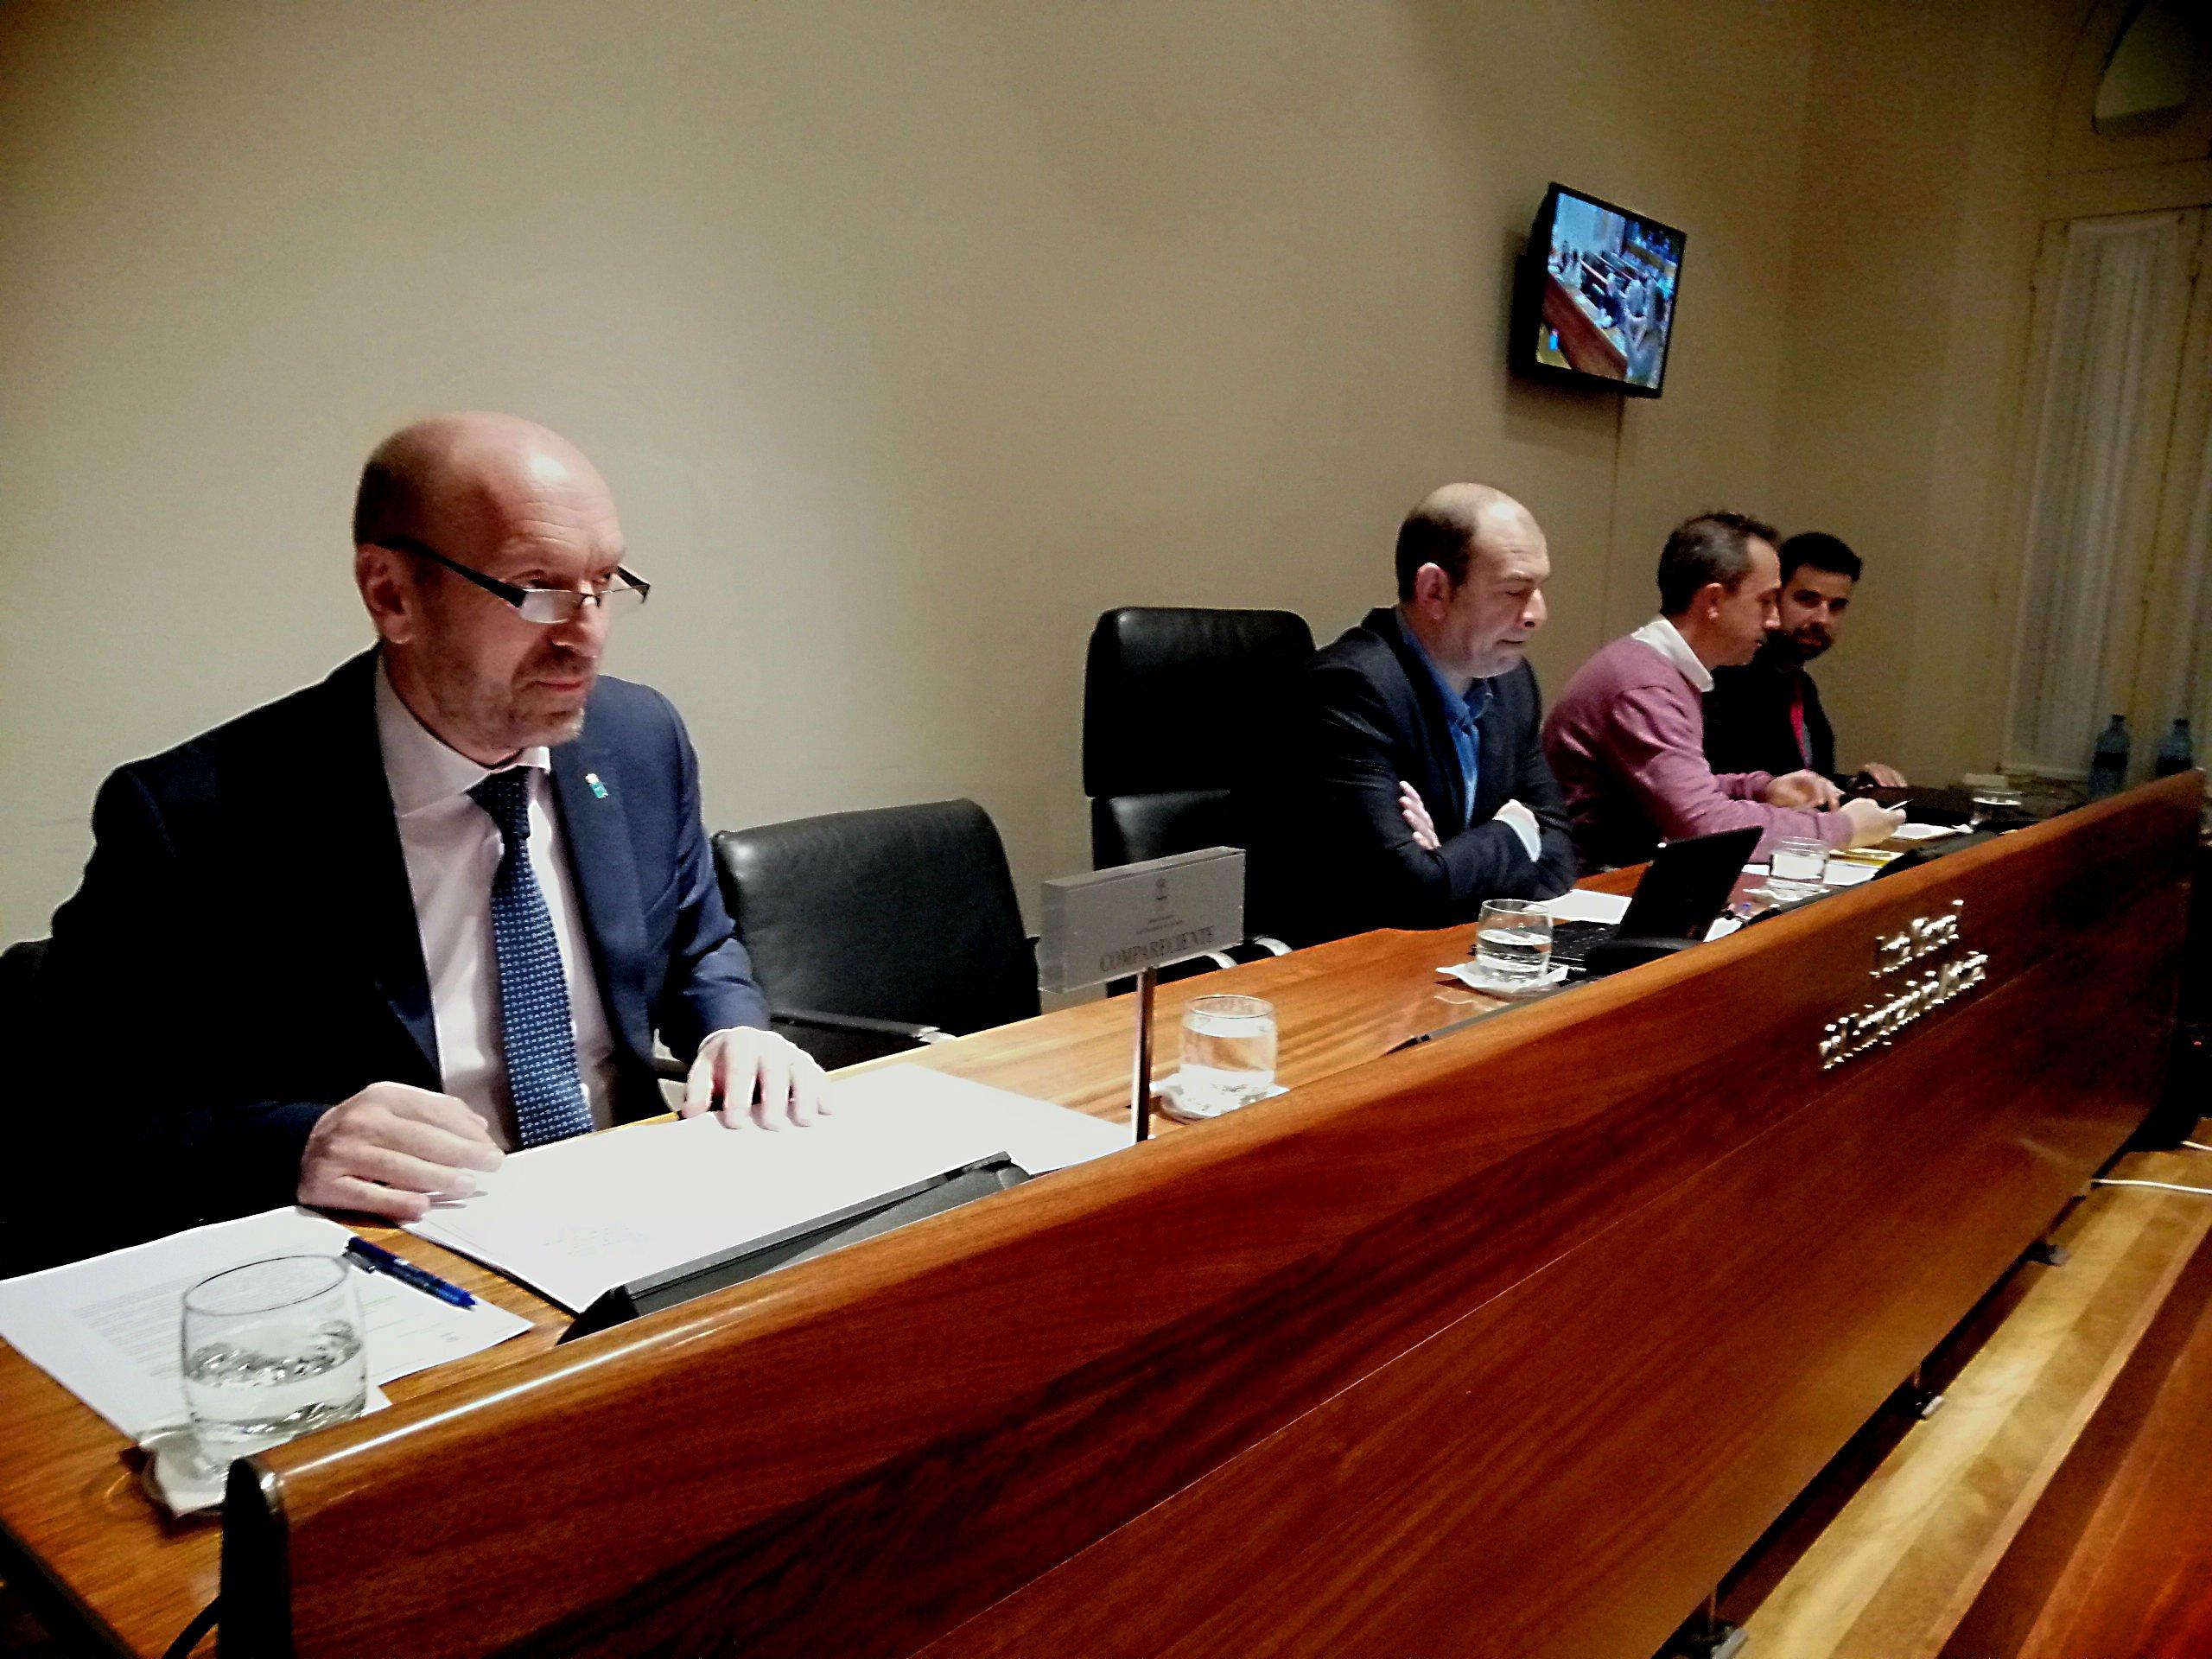 Cofiño recuerda las previsiones del gobierno respecto a la carretera As-12 Navia-Alto del Acebo y al Espigón de la Ría de Navia